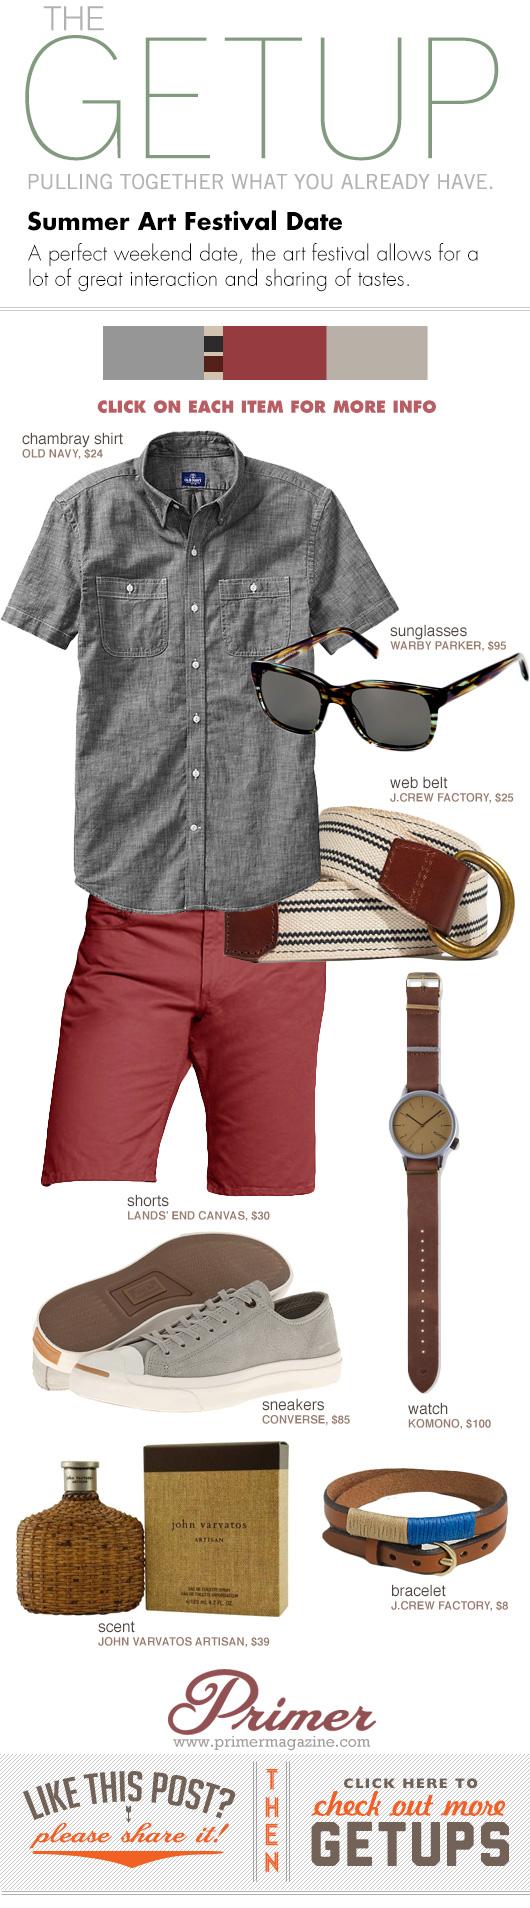 Getup Summer Art Festival - Gray shirt, web belt, red shorts, gray sneakers